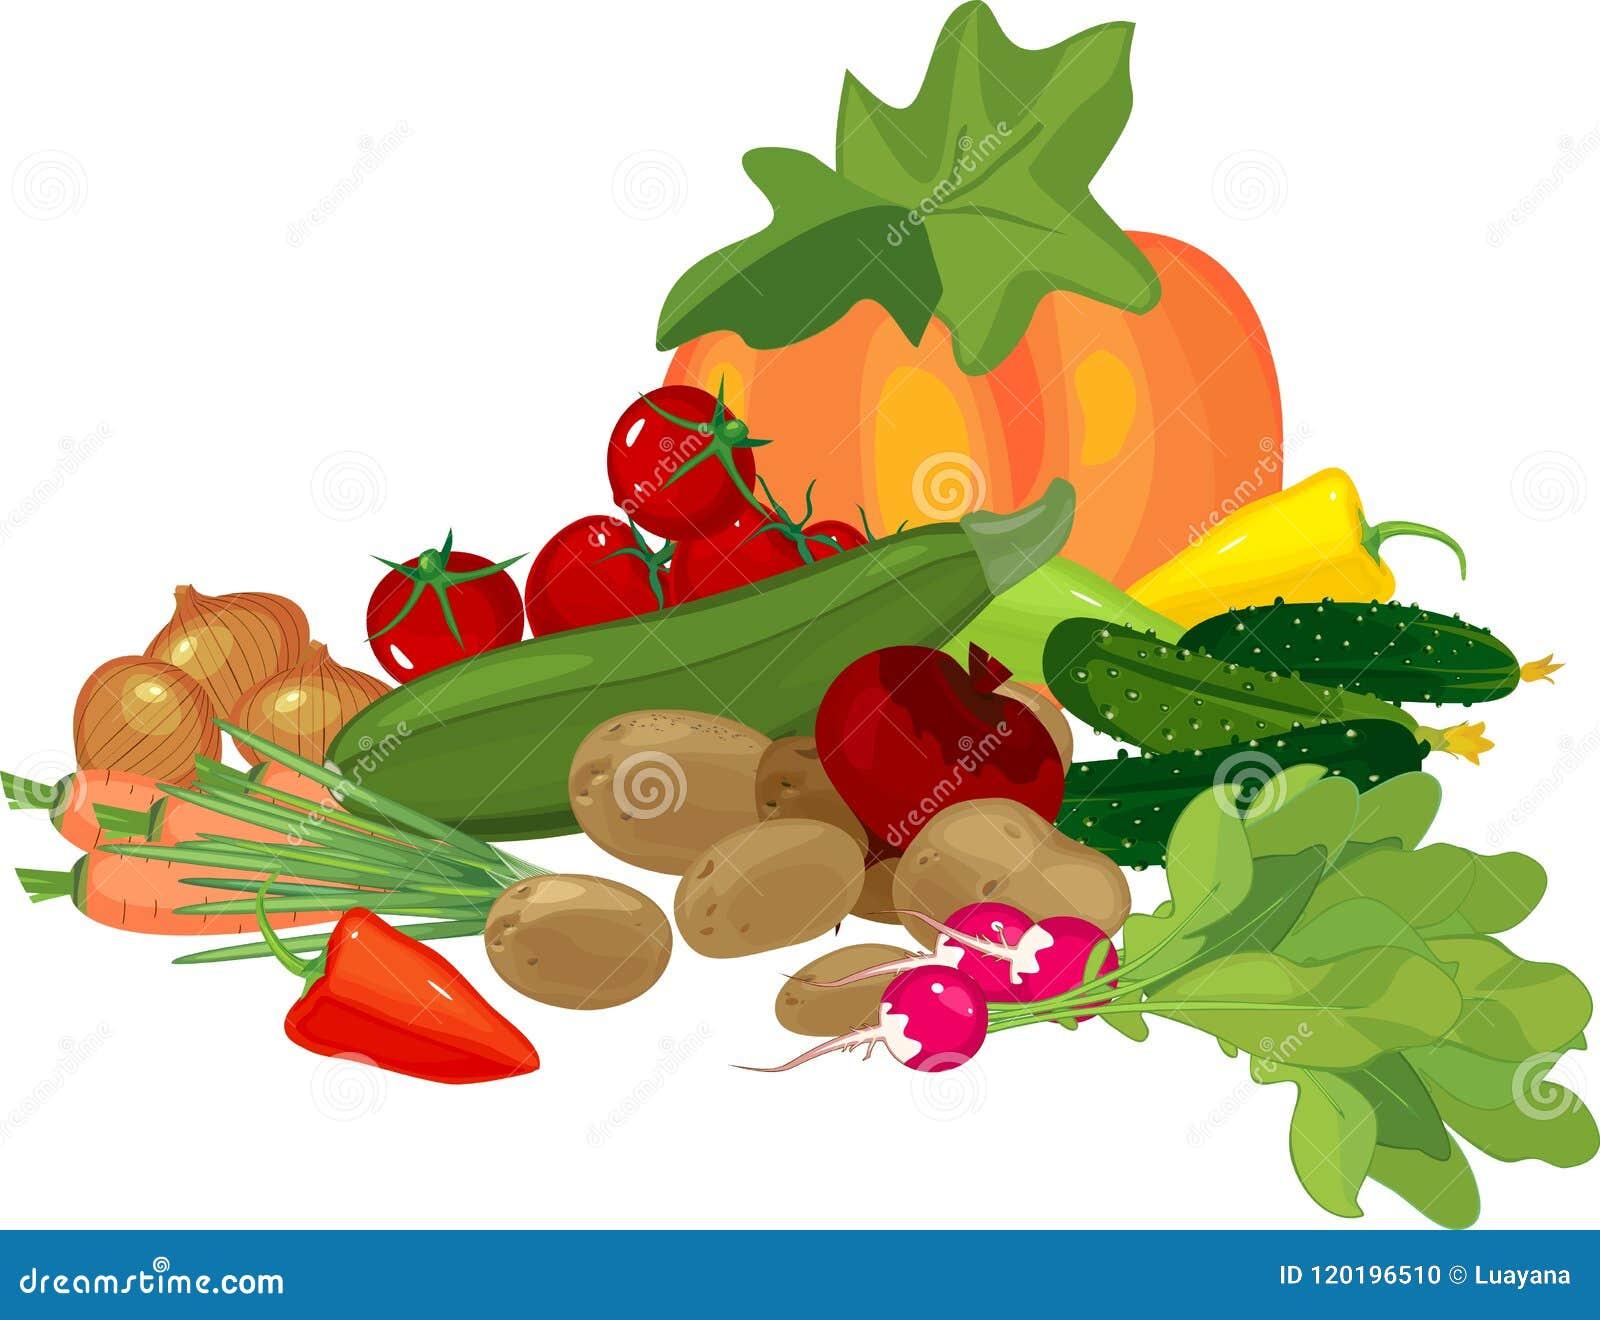 Aún vida grande con la composición de la cosecha del otoño con la calabaza y otras diversas verduras en el fondo blanco